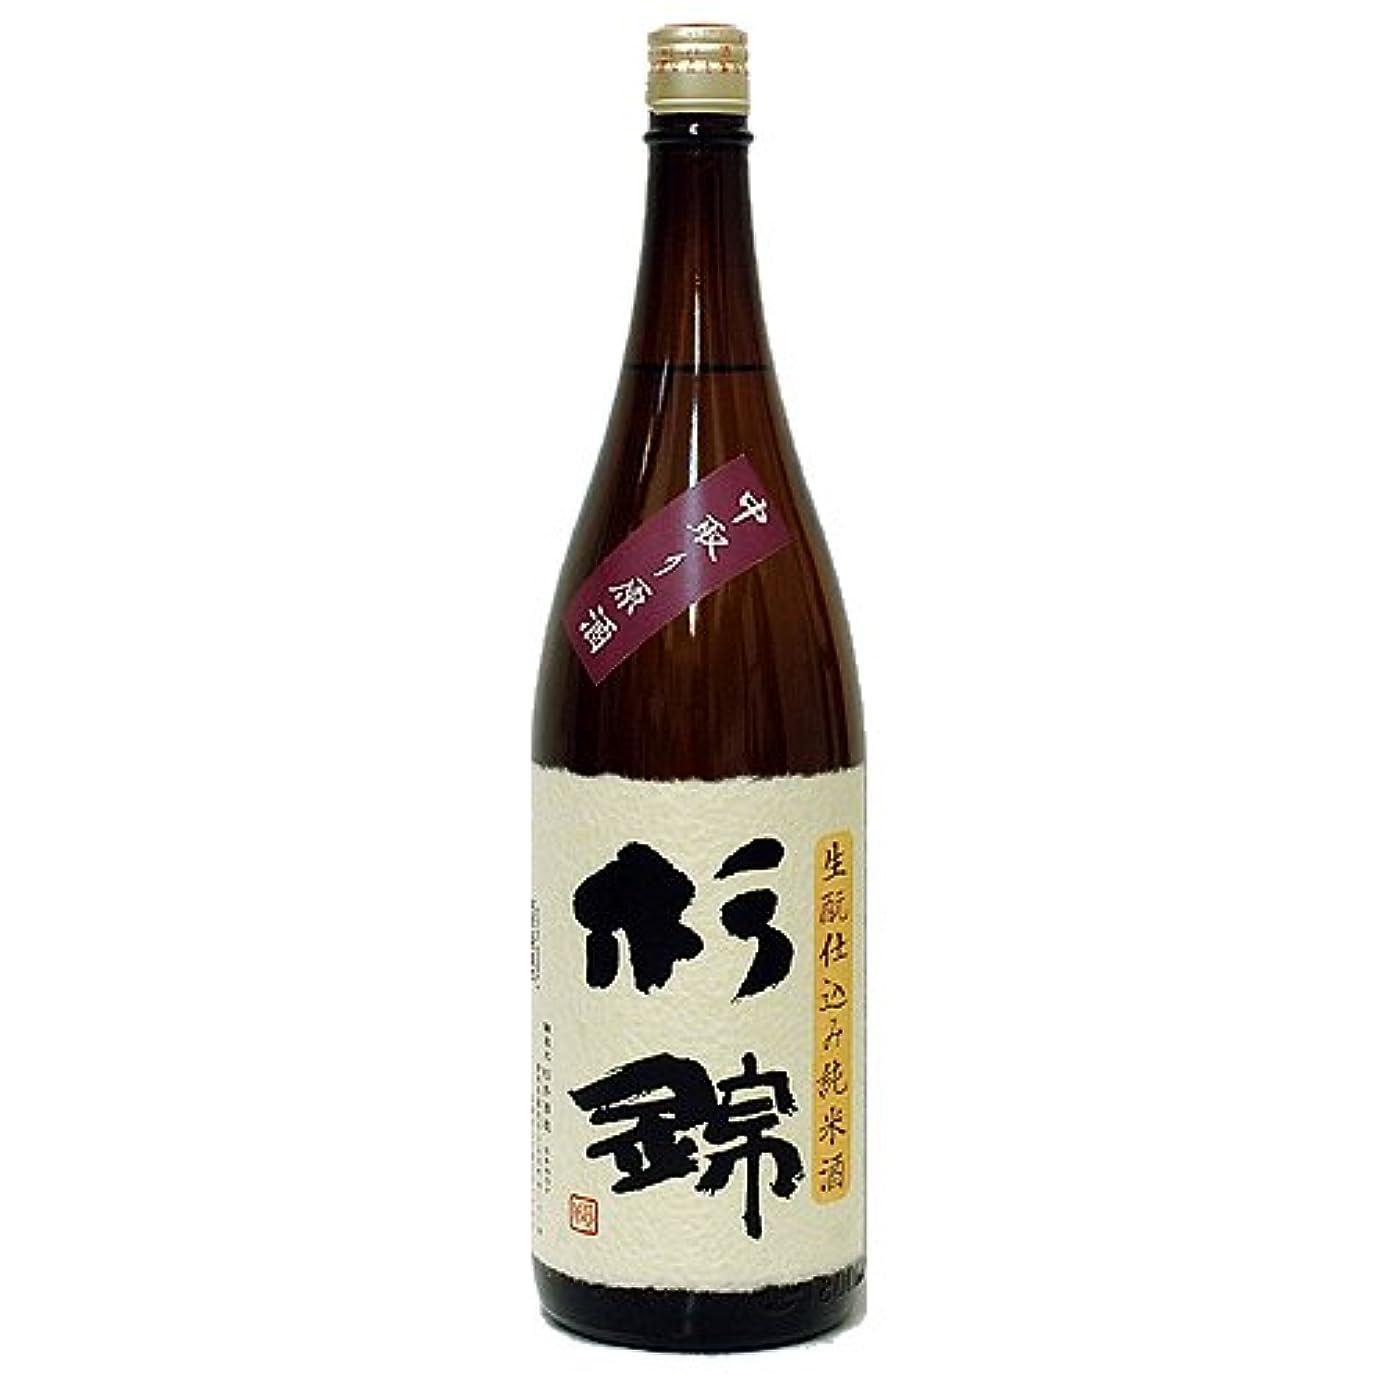 杉錦 「生もと純米」 中取原酒 1.8L